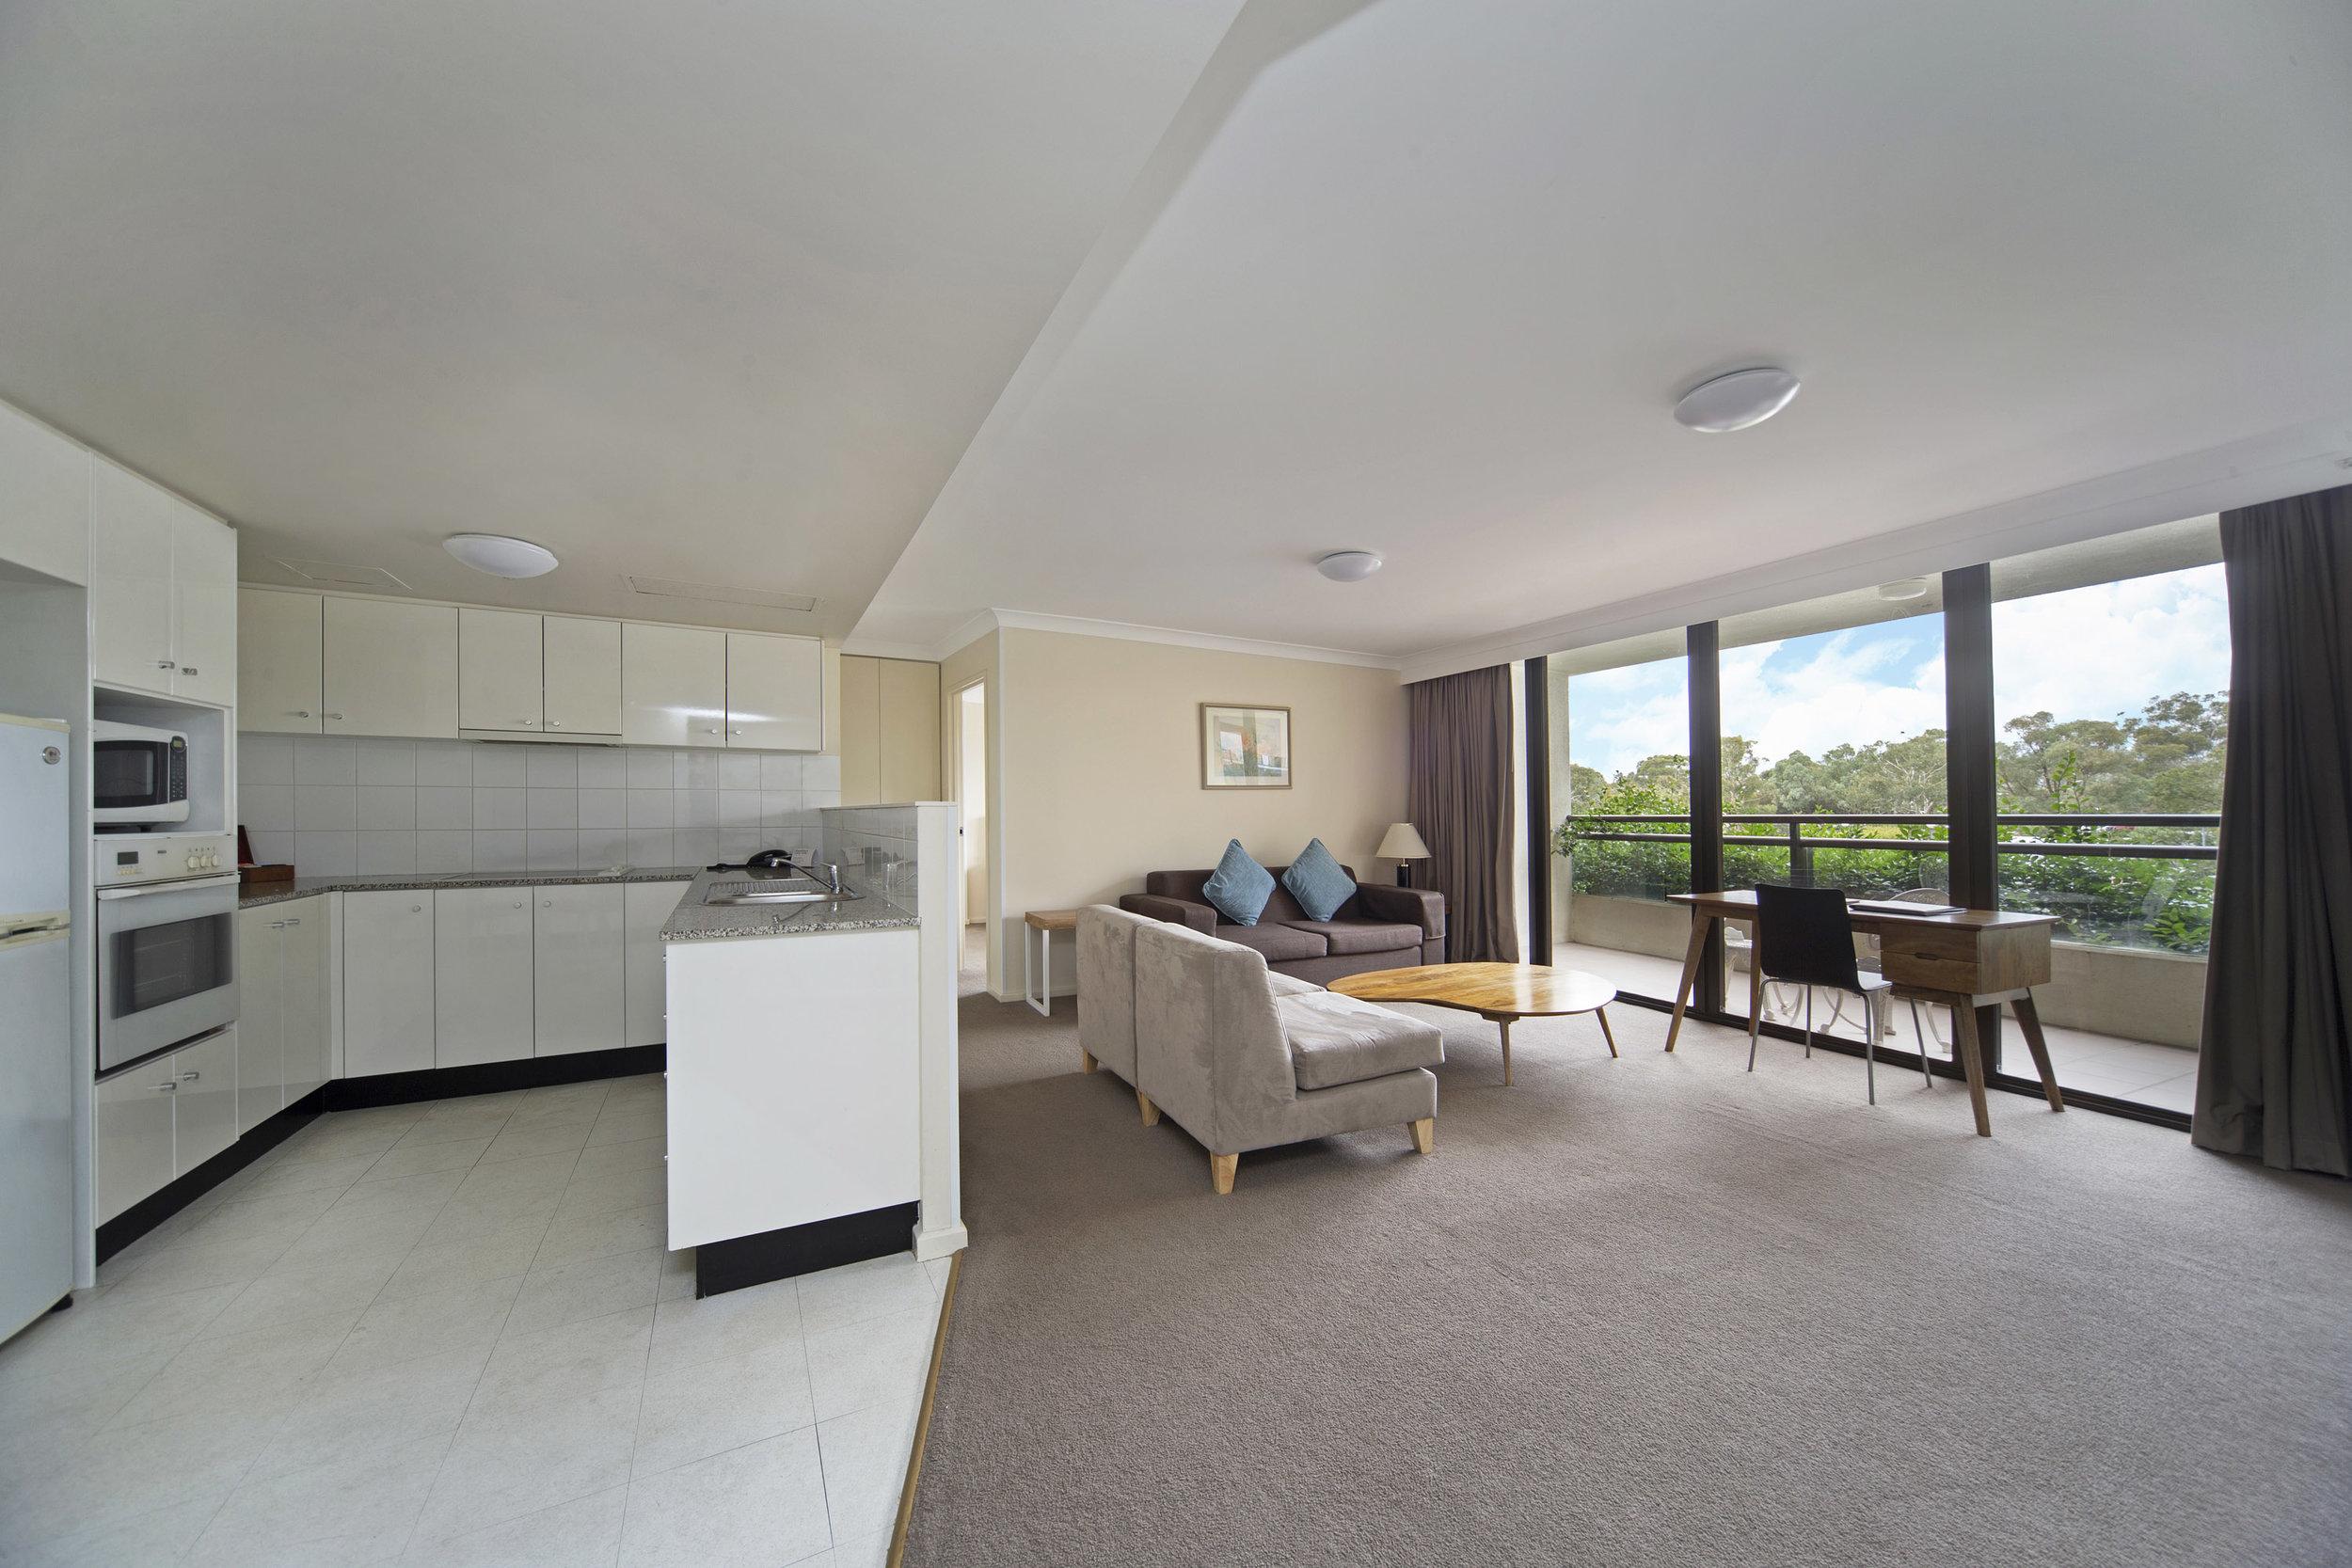 BreakFree-Capital-Tower-1-Bedroom-Apartment8.jpg